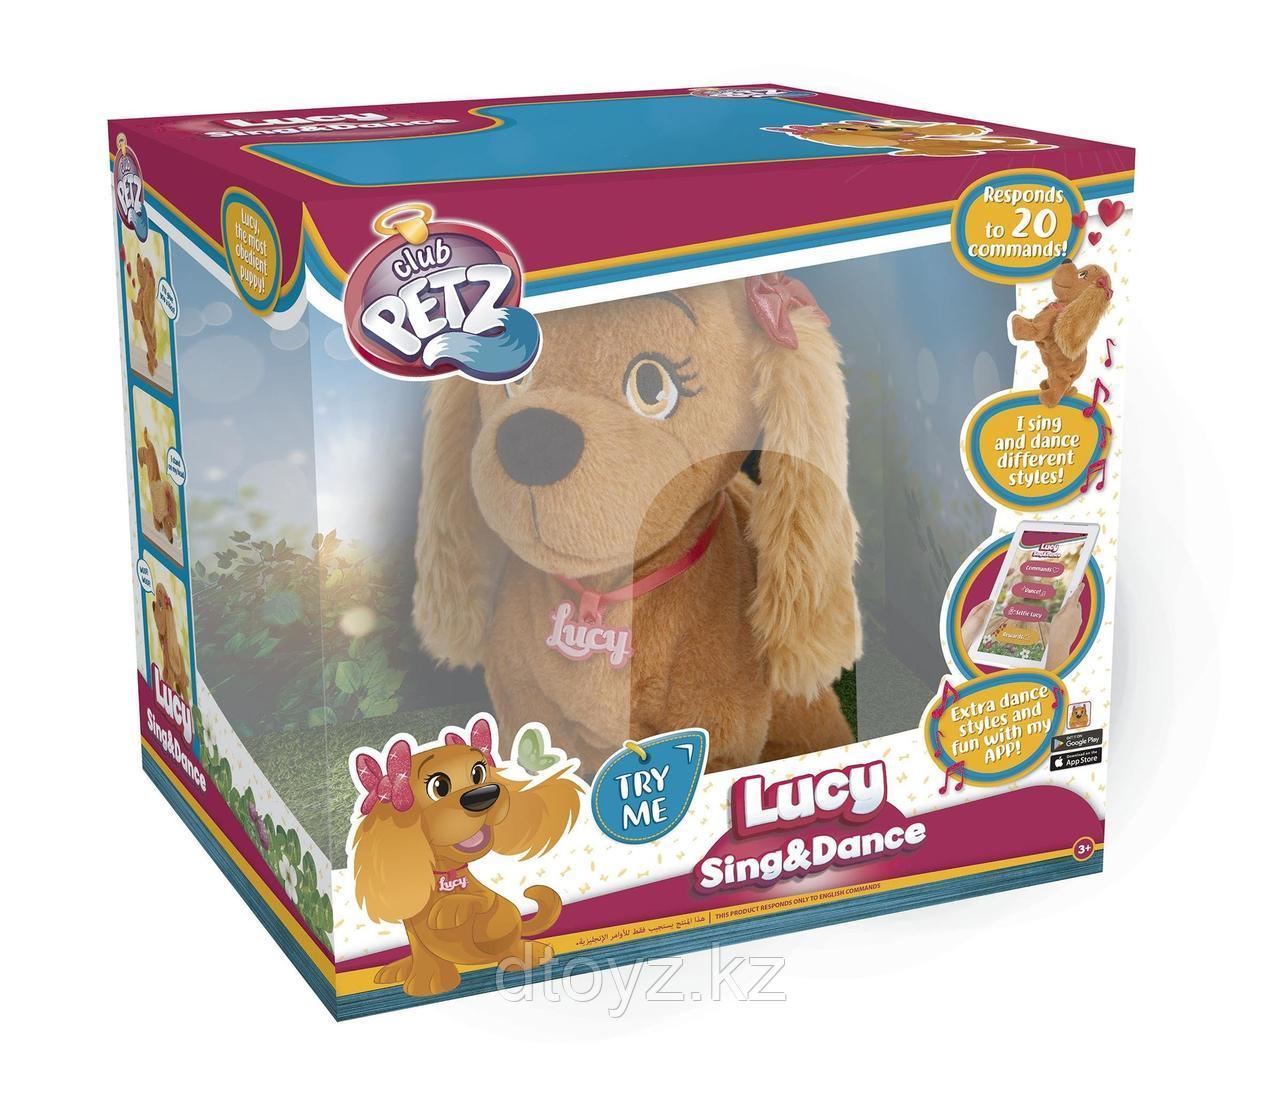 Интерактивная мягкая игрушка IMC Toys Club petz Собака Lucy 95854